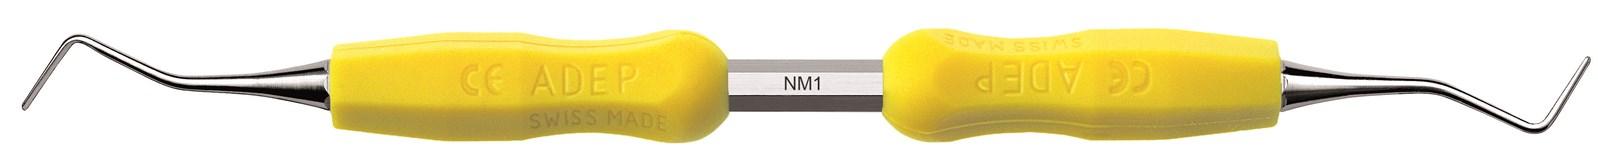 Lžičkové dlátko - NM1, Bez návleku